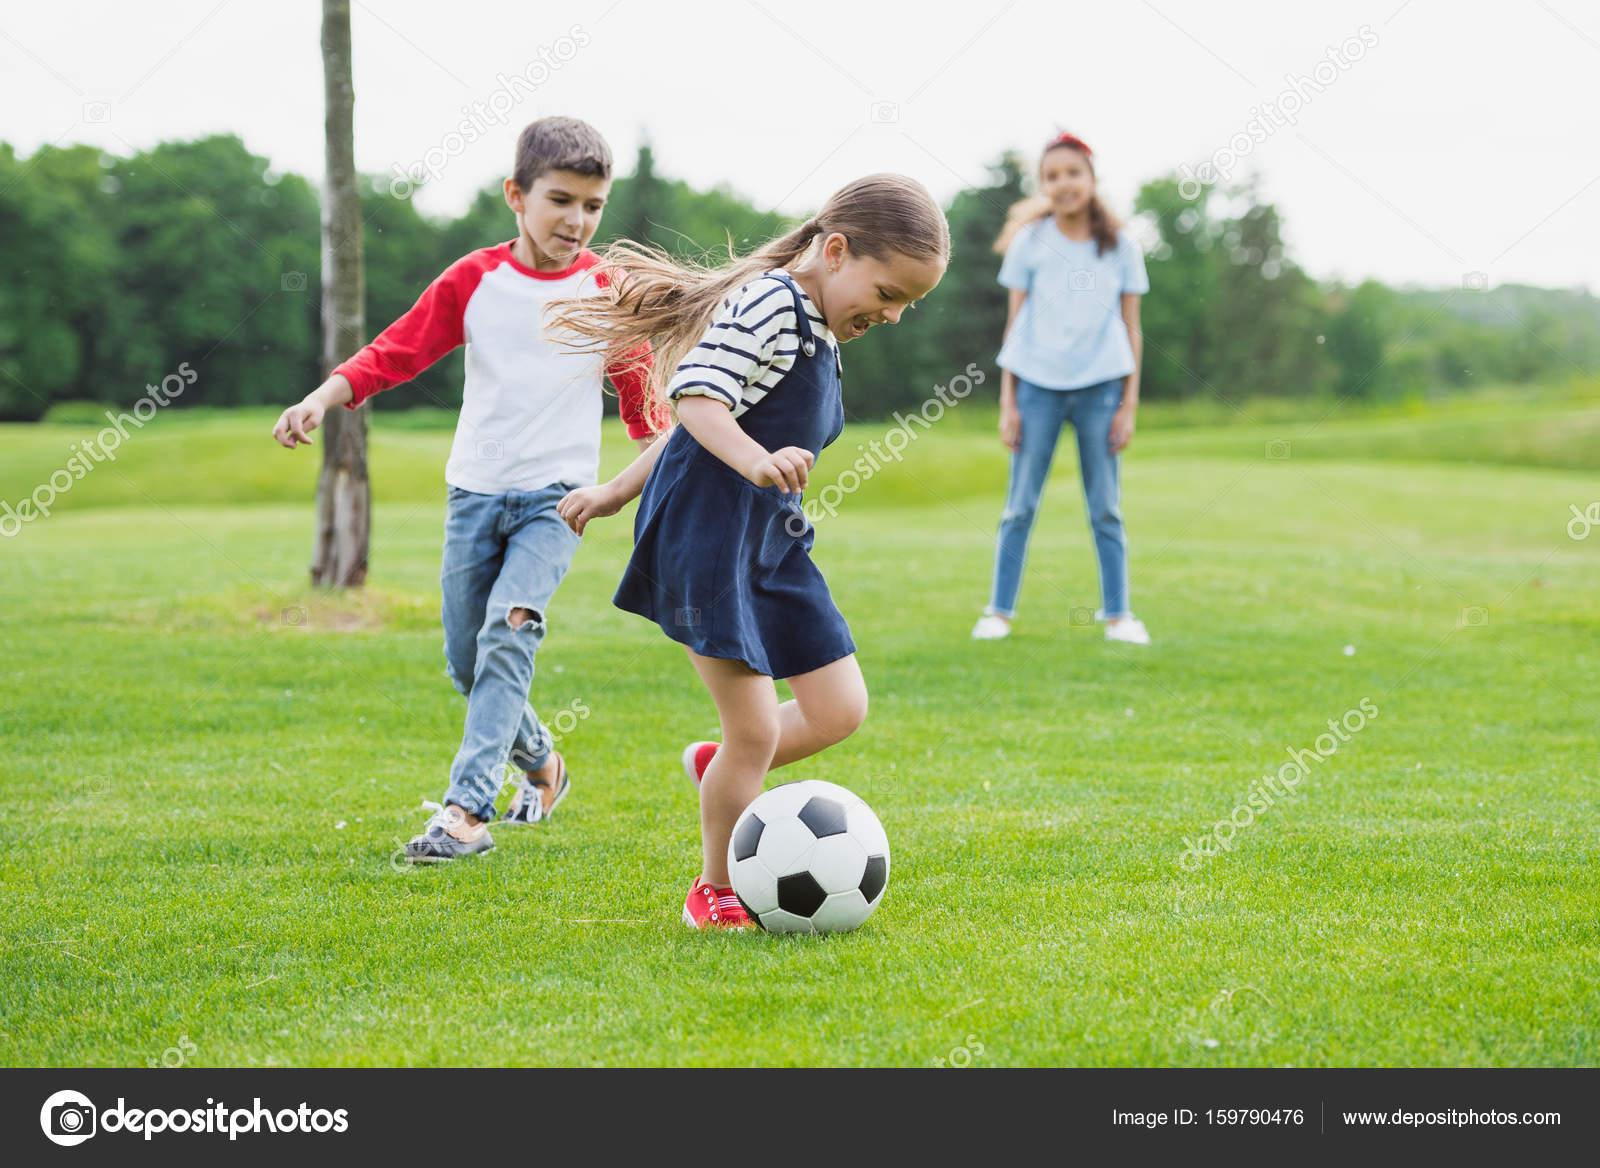 サッカーで遊ぶ子供たち — ストック写真 © alebloshka #159790476